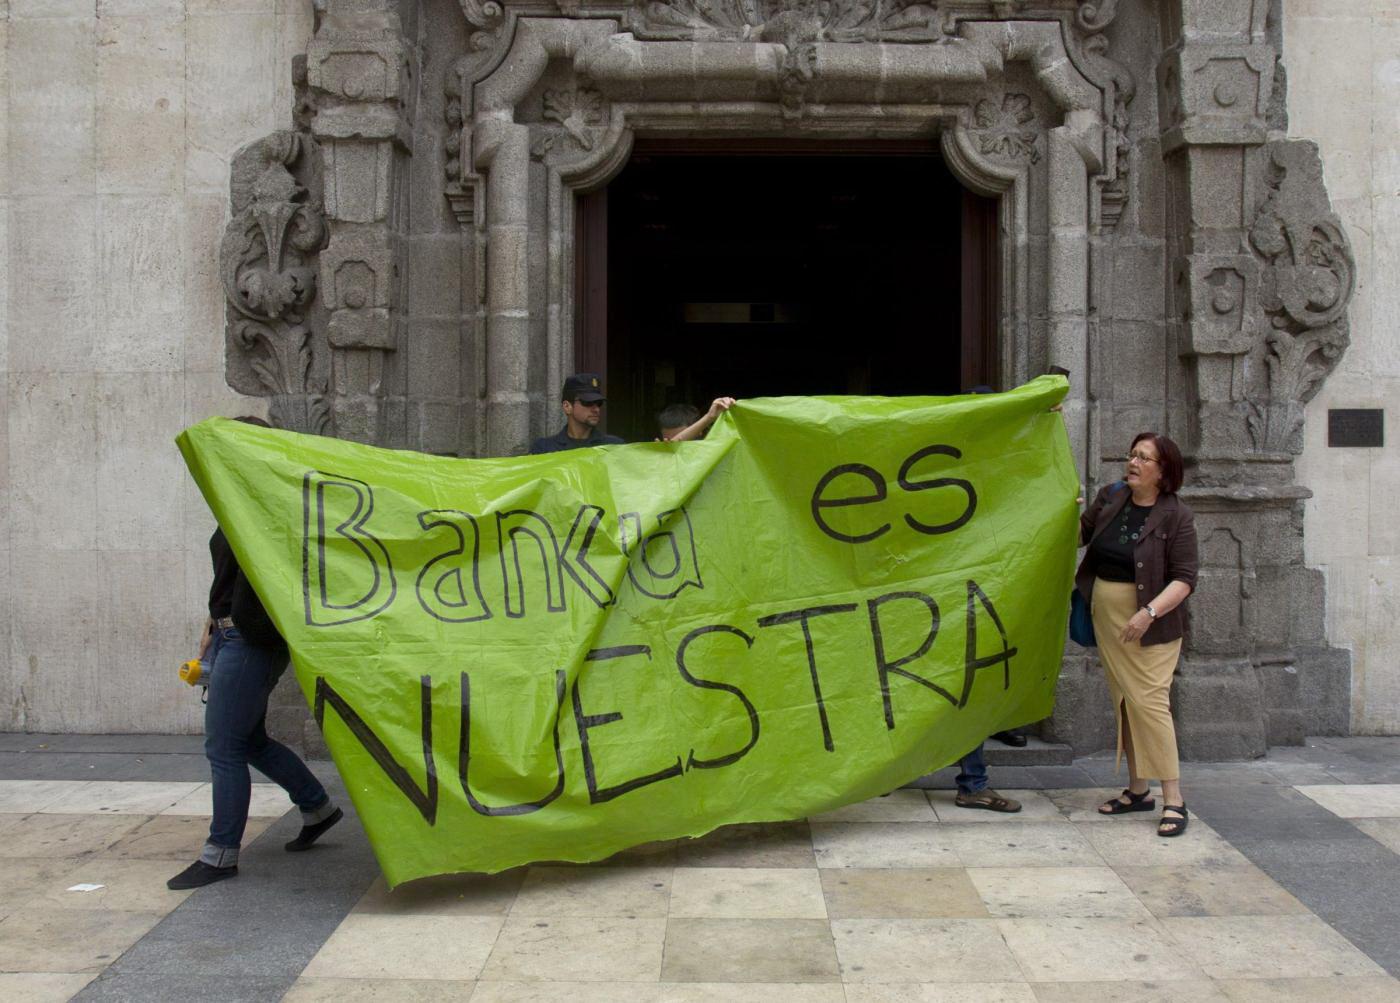 La Bce salva la Spagna: senza soldi in cassa per pagare i servizi pubblici. Flop dei Bot